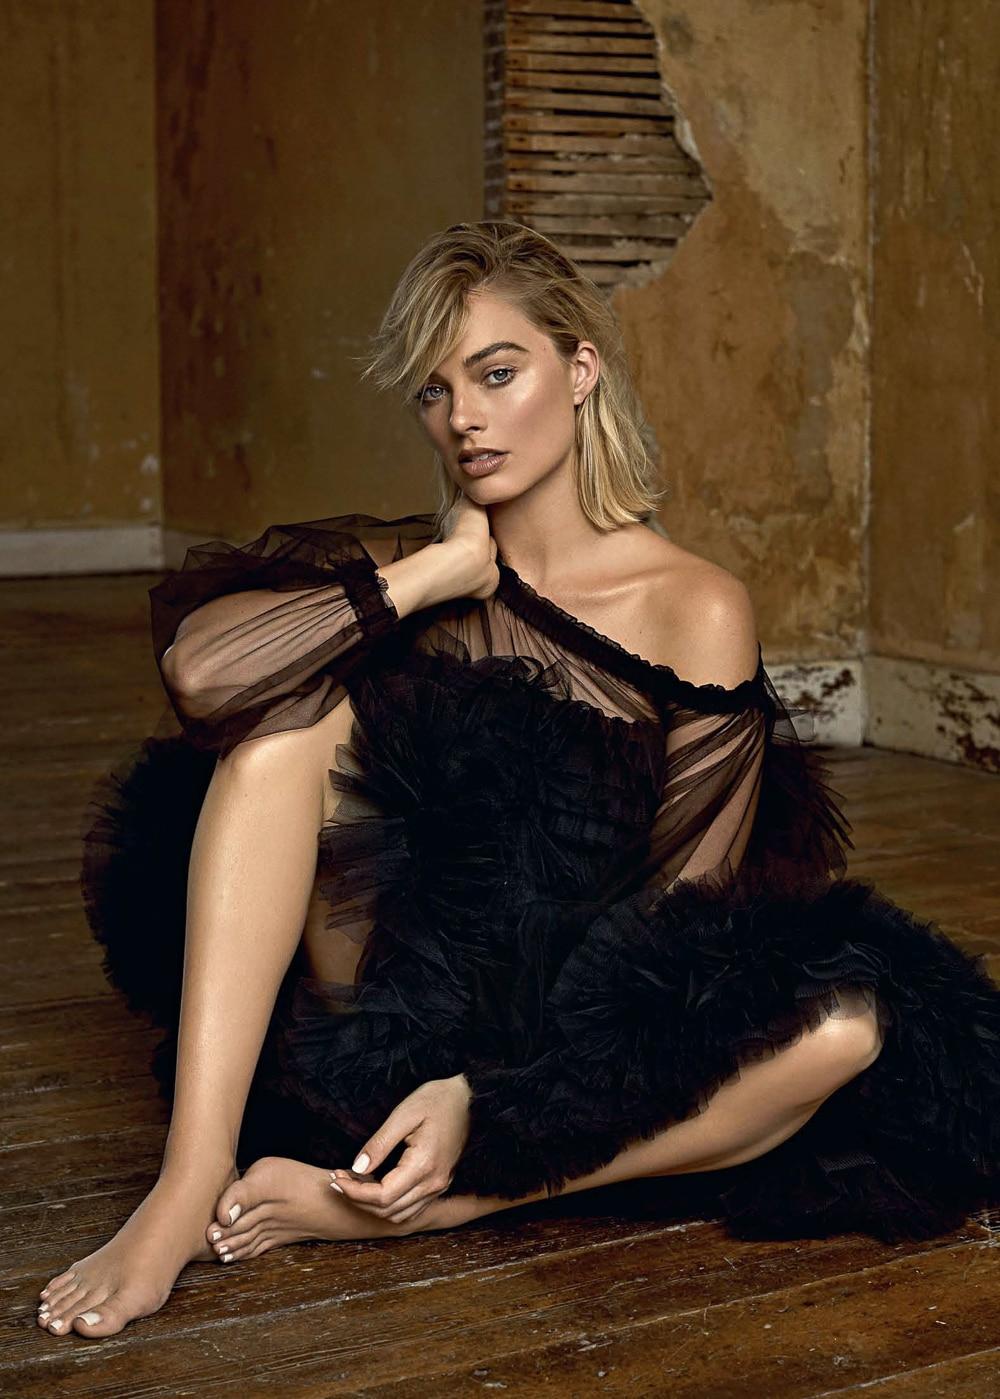 Margot-Robbie-Evening-Standard-Magazine-Max-Papendieck-6.jpg